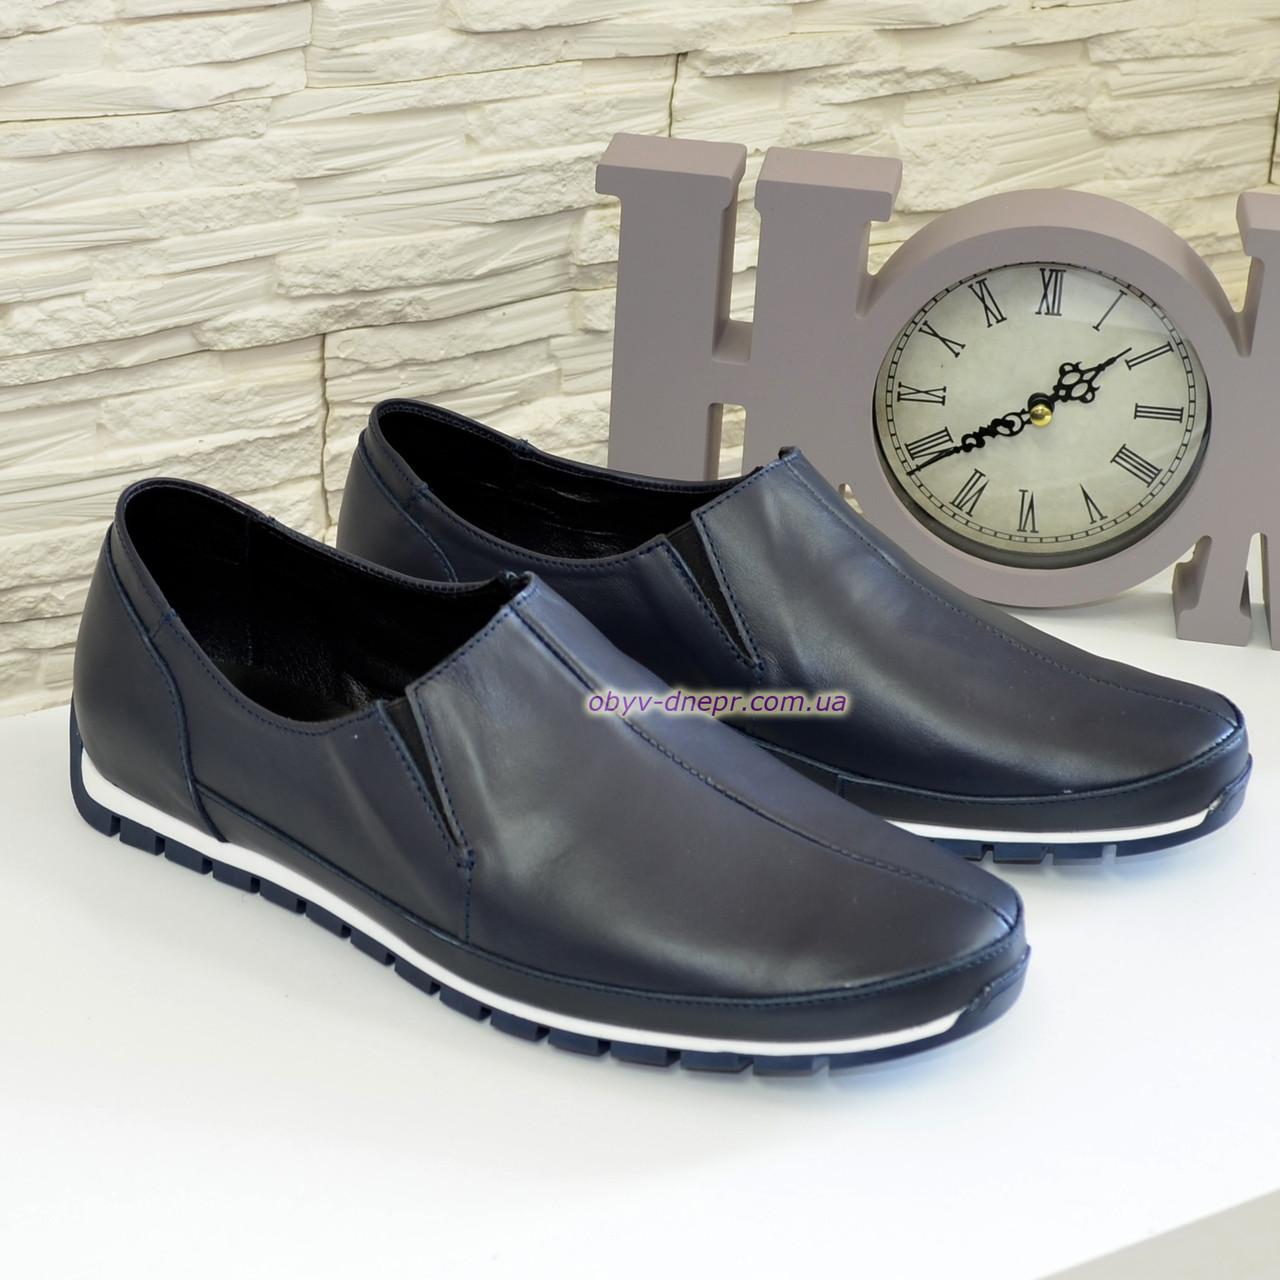 Туфли-мокасины кожаные мужские синего цвета.